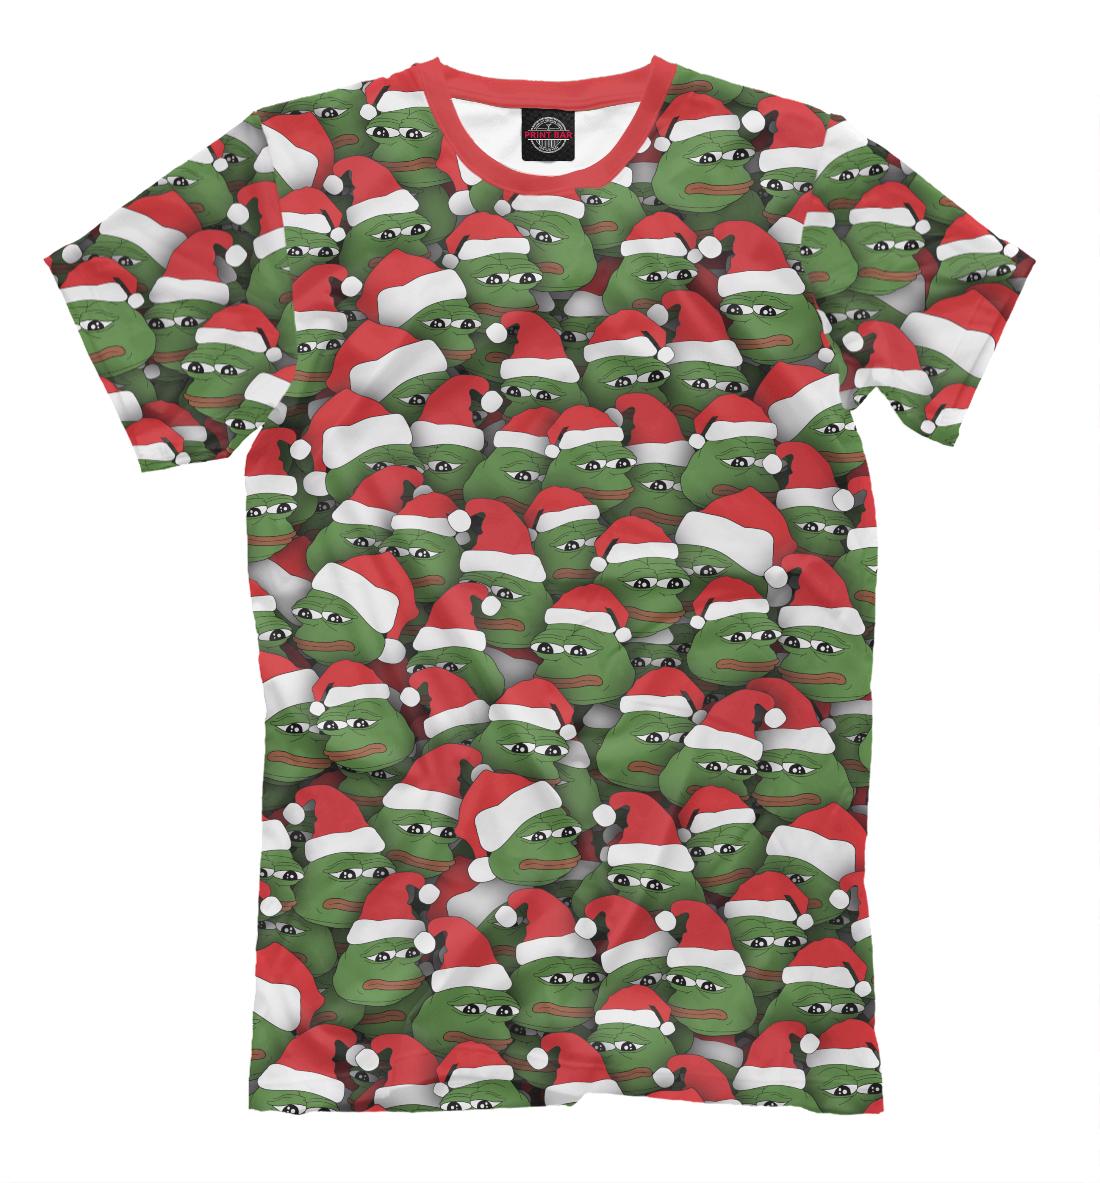 Купить Новогодние лягушки, Printbar, Футболки, NOV-475886-fut-2